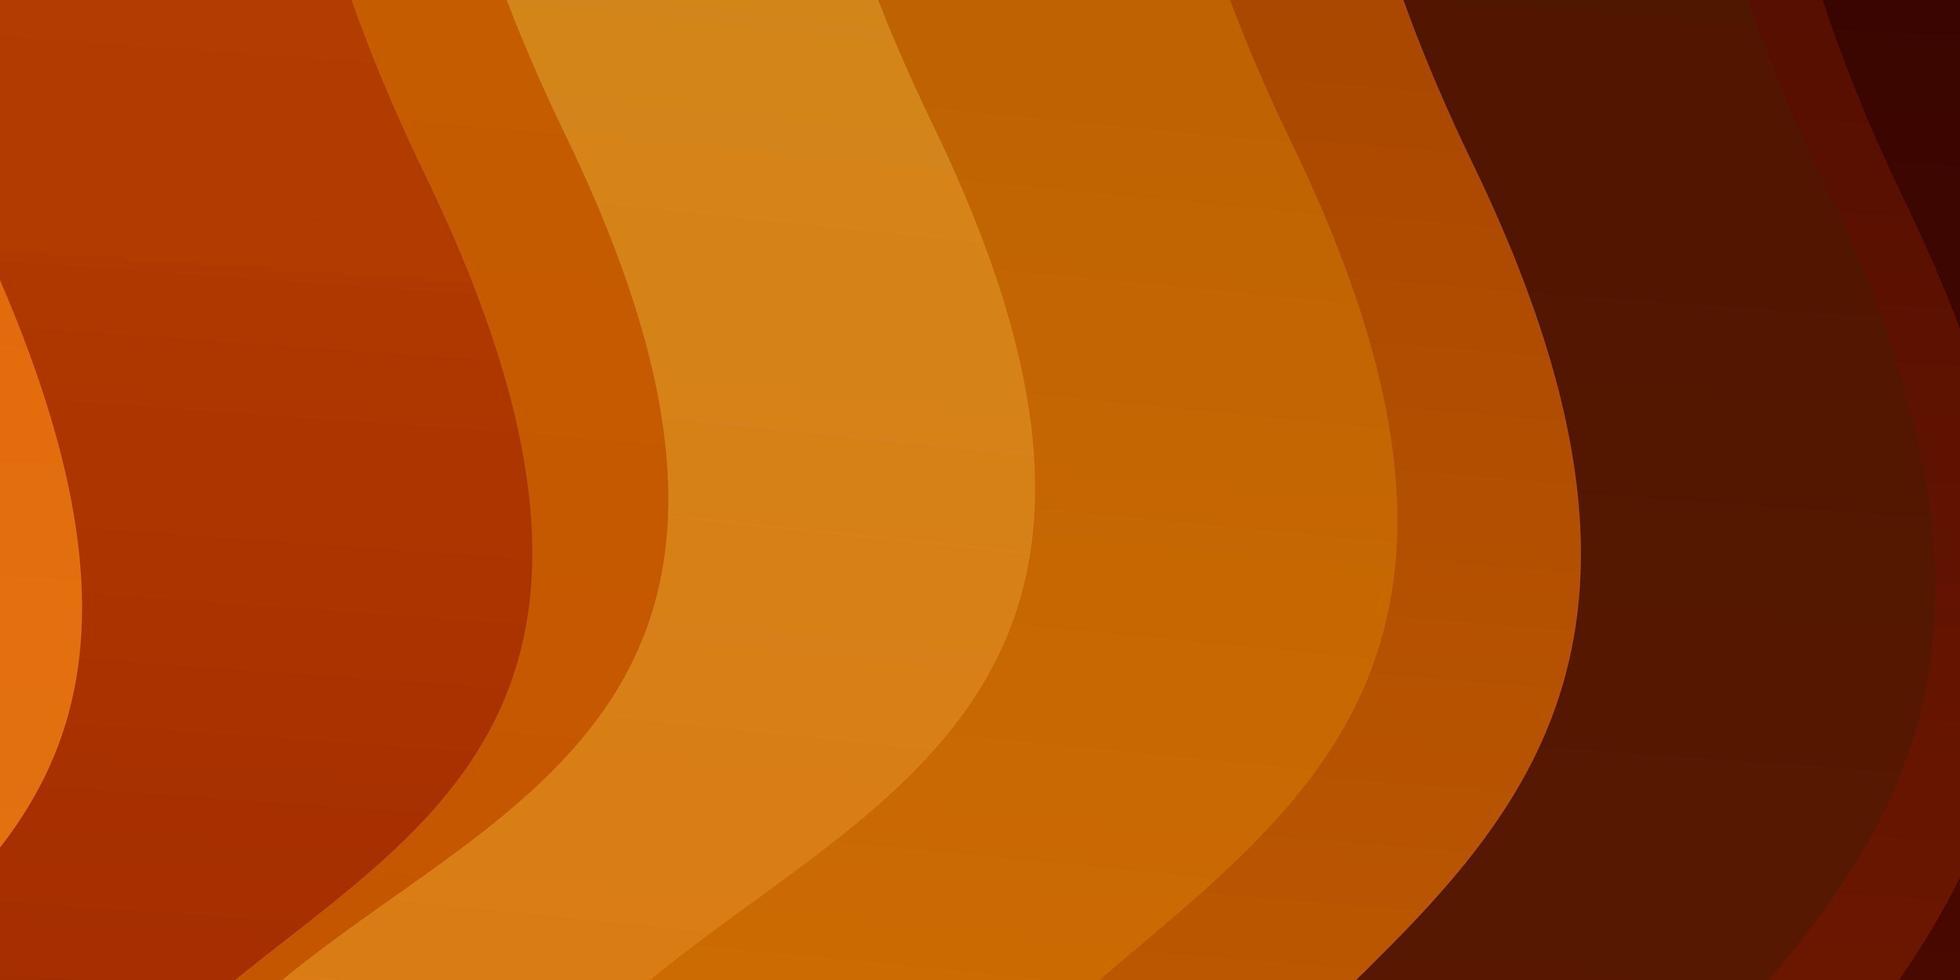 lichtoranje vector achtergrond met curven.